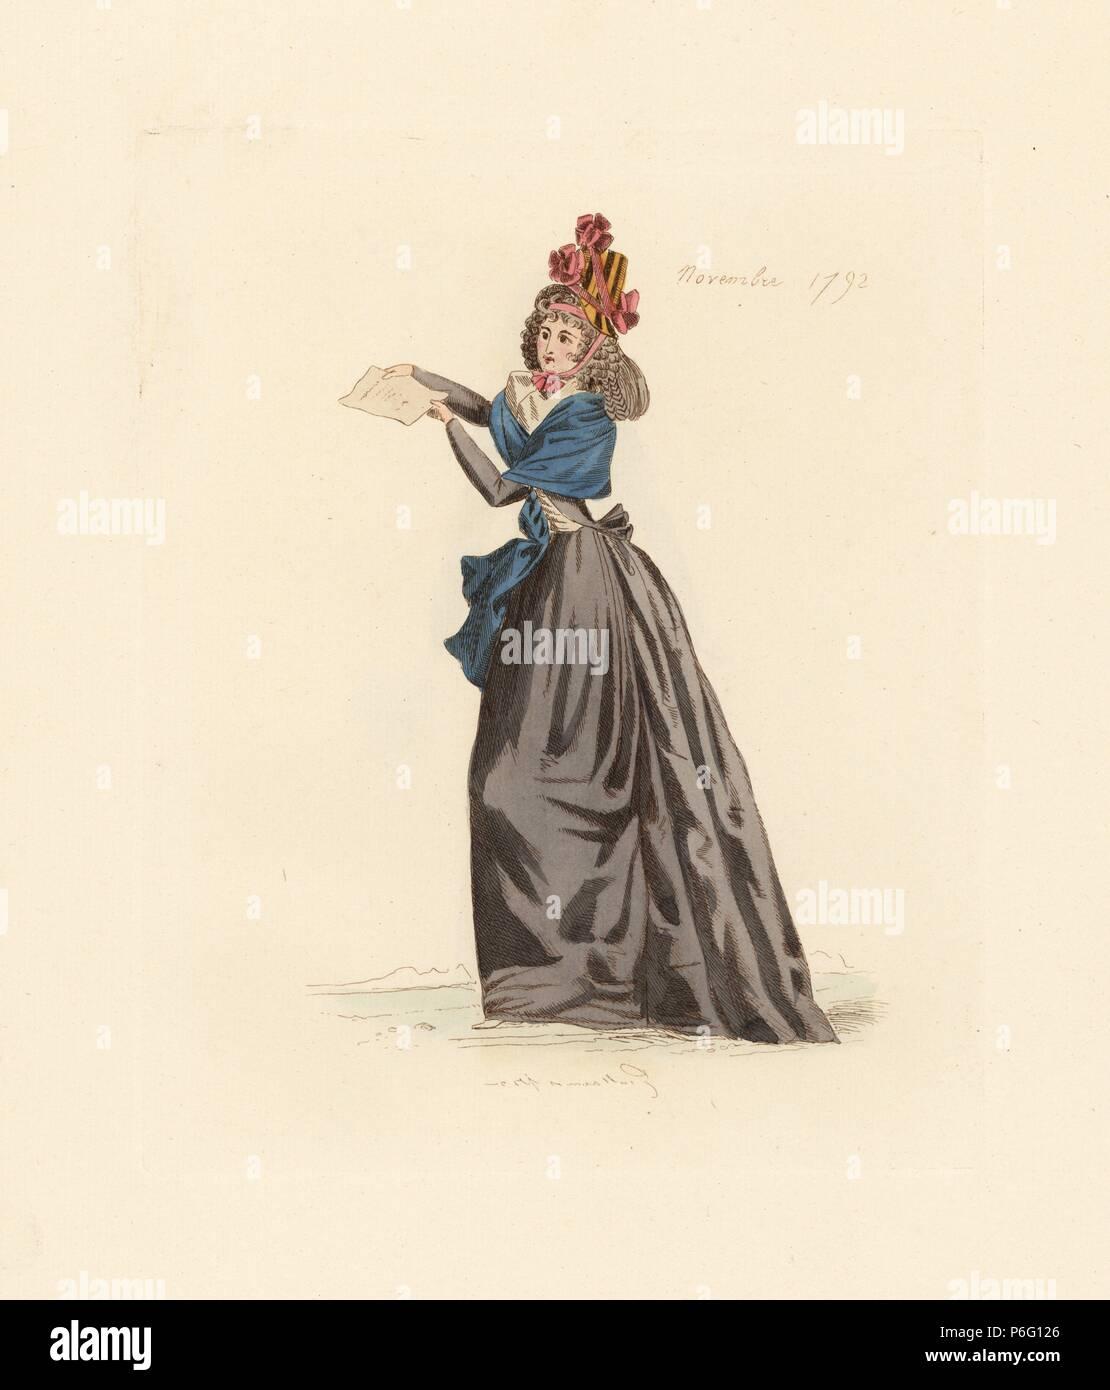 Franzosische Frau Tragen Die Mode Von November 1792 Sie Tragt Einen